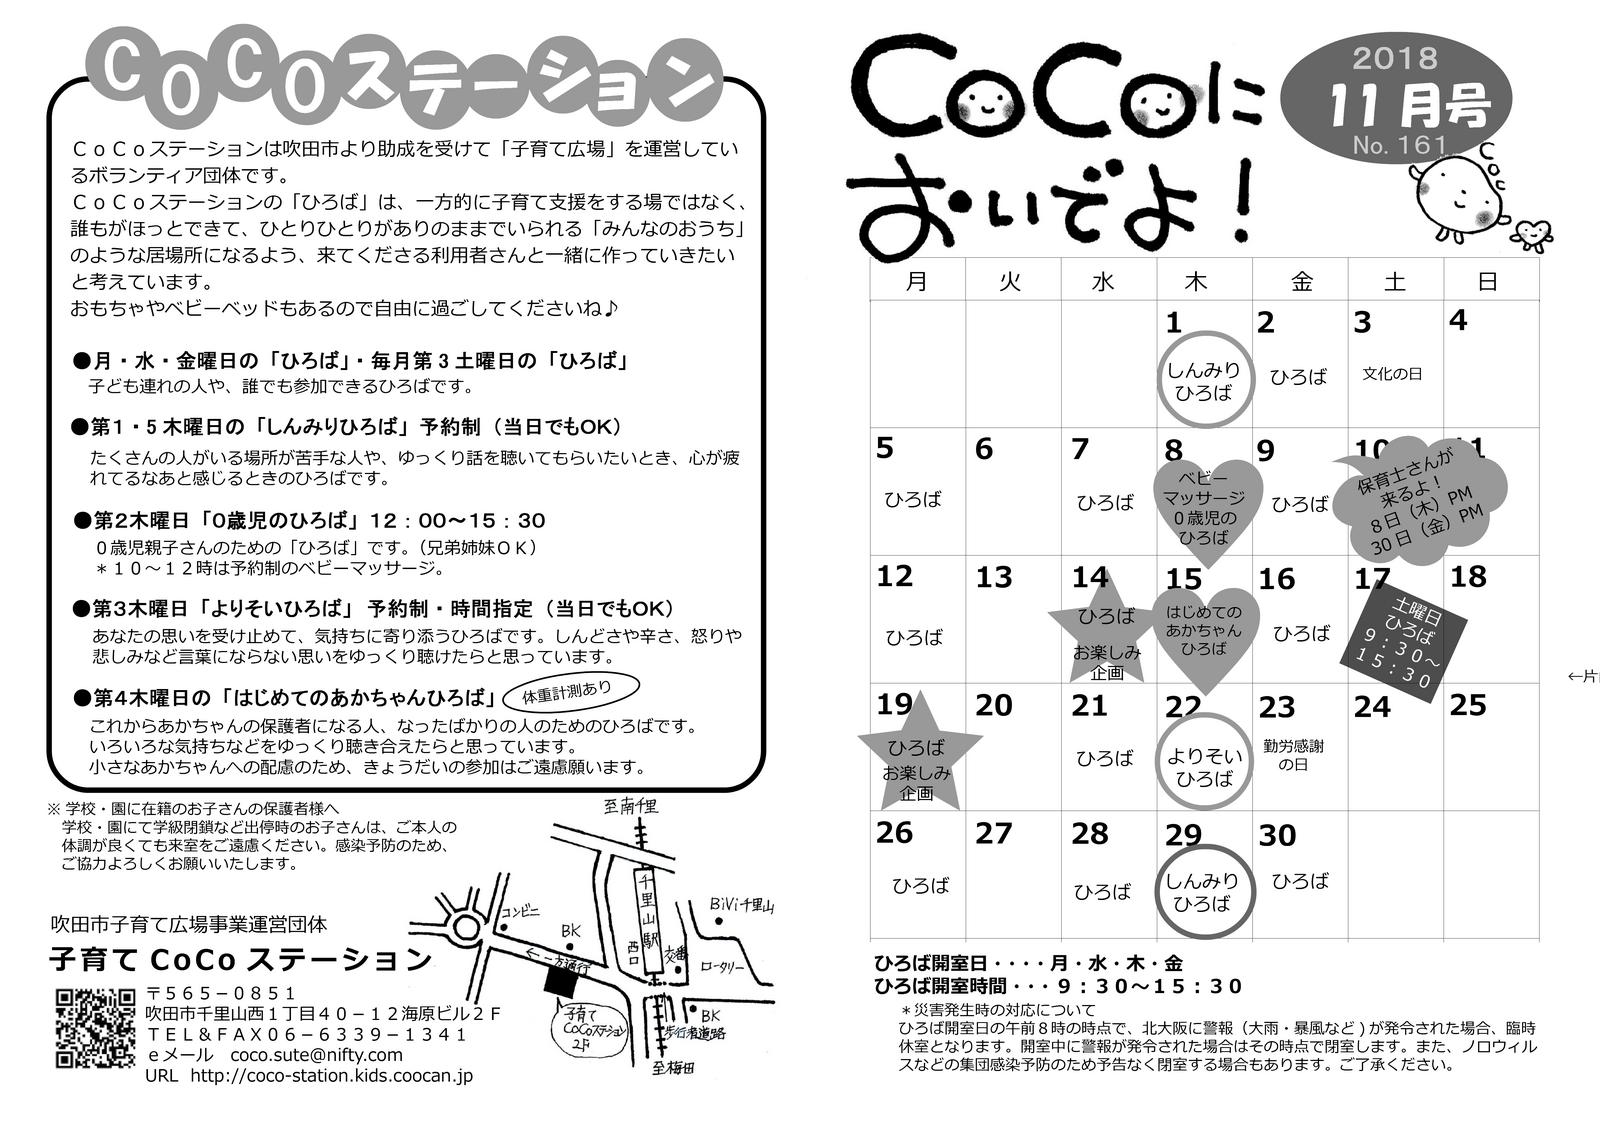 Coco_30_11